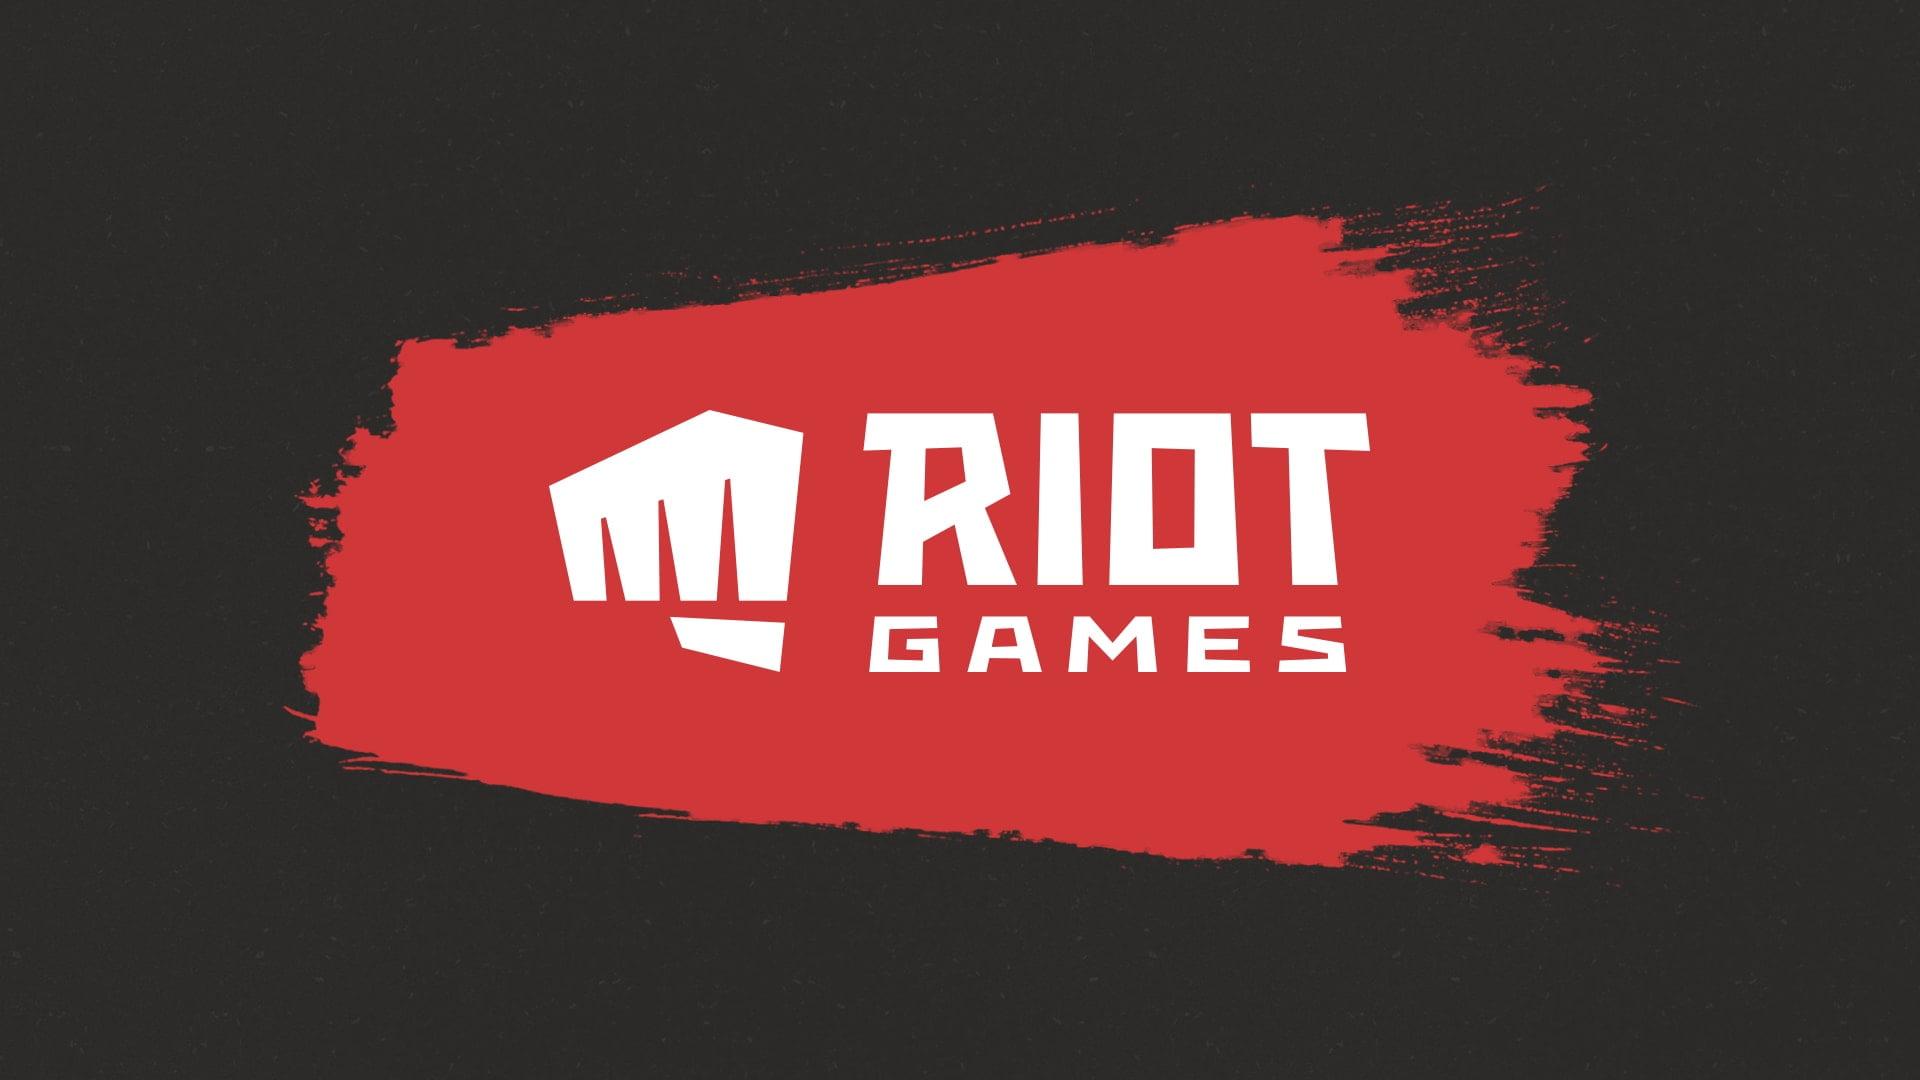 Logo da empresa, um punho fechado e a escrita Riot Games.